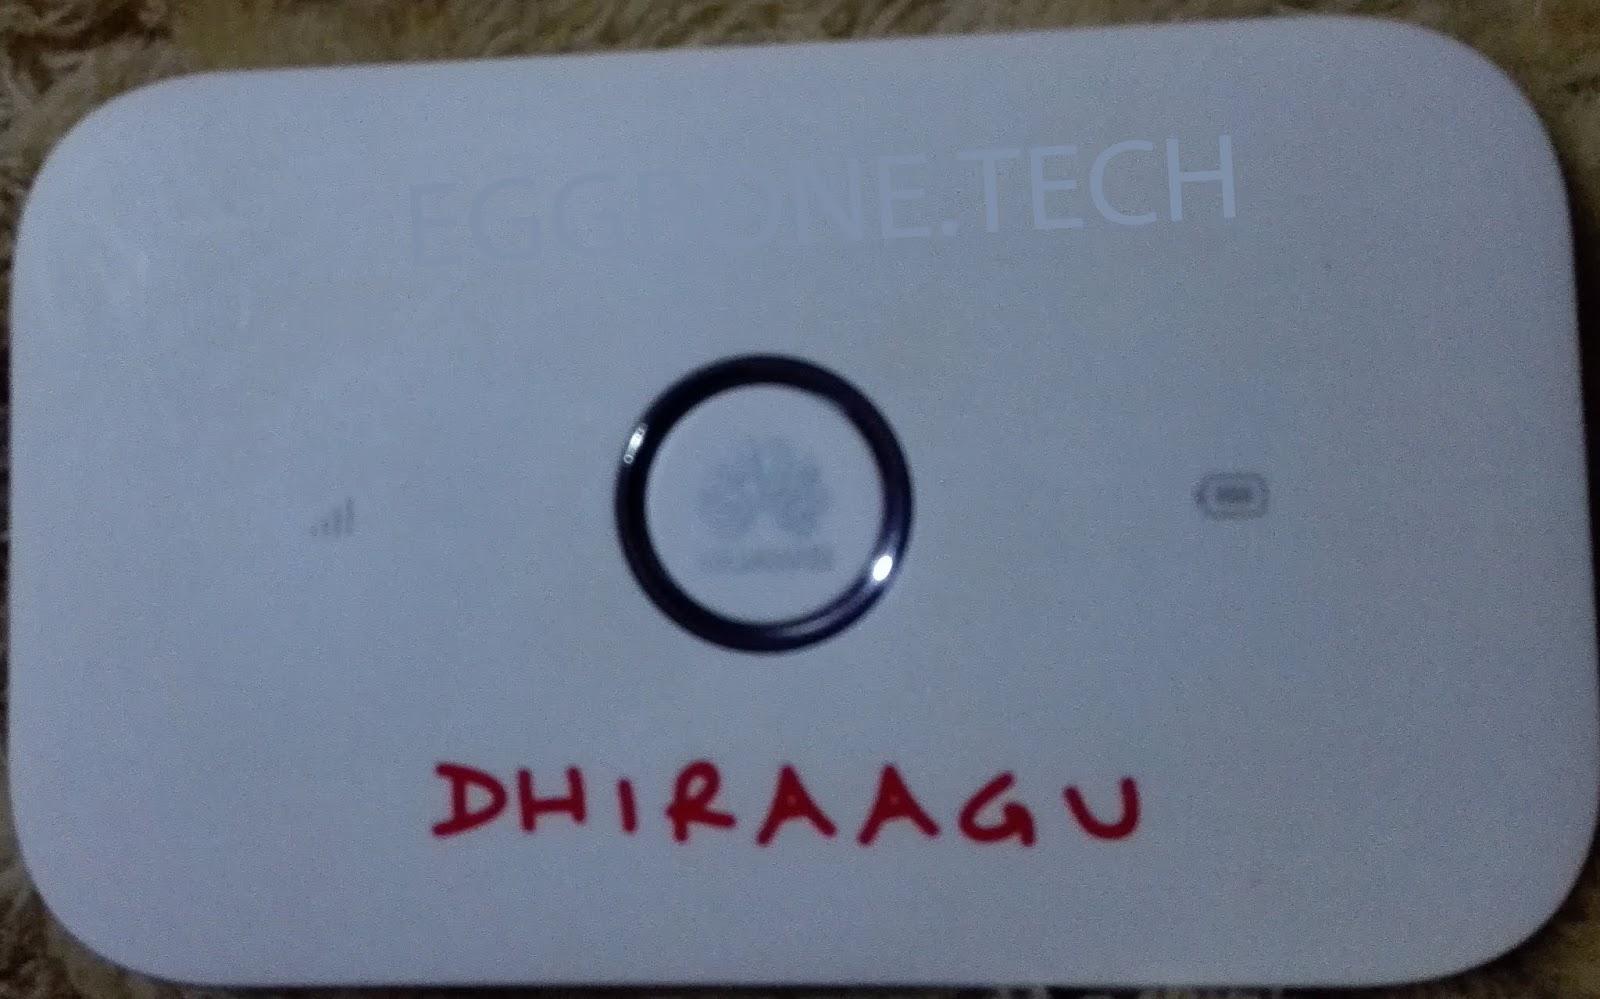 Unlock / Crack Dhiraagu Huawei E5573s-856 Mobile WiFi - EGGBONE